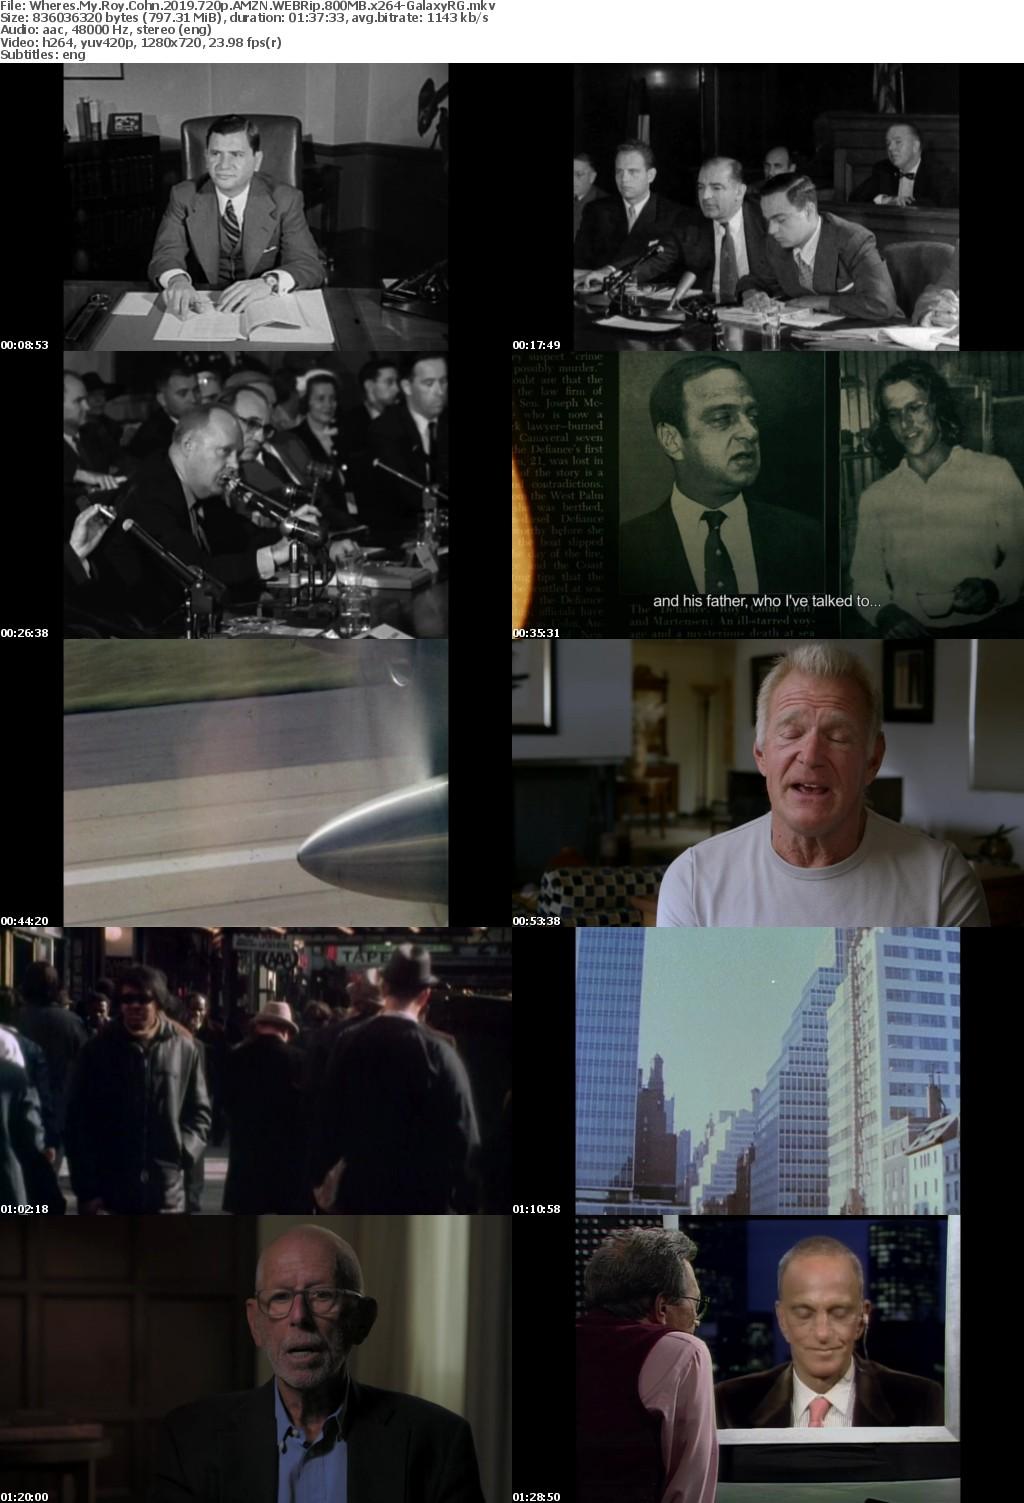 Wheres My Roy Cohn (2019) 720p AMZN WEBRip 800MB x264-GalaxyRG